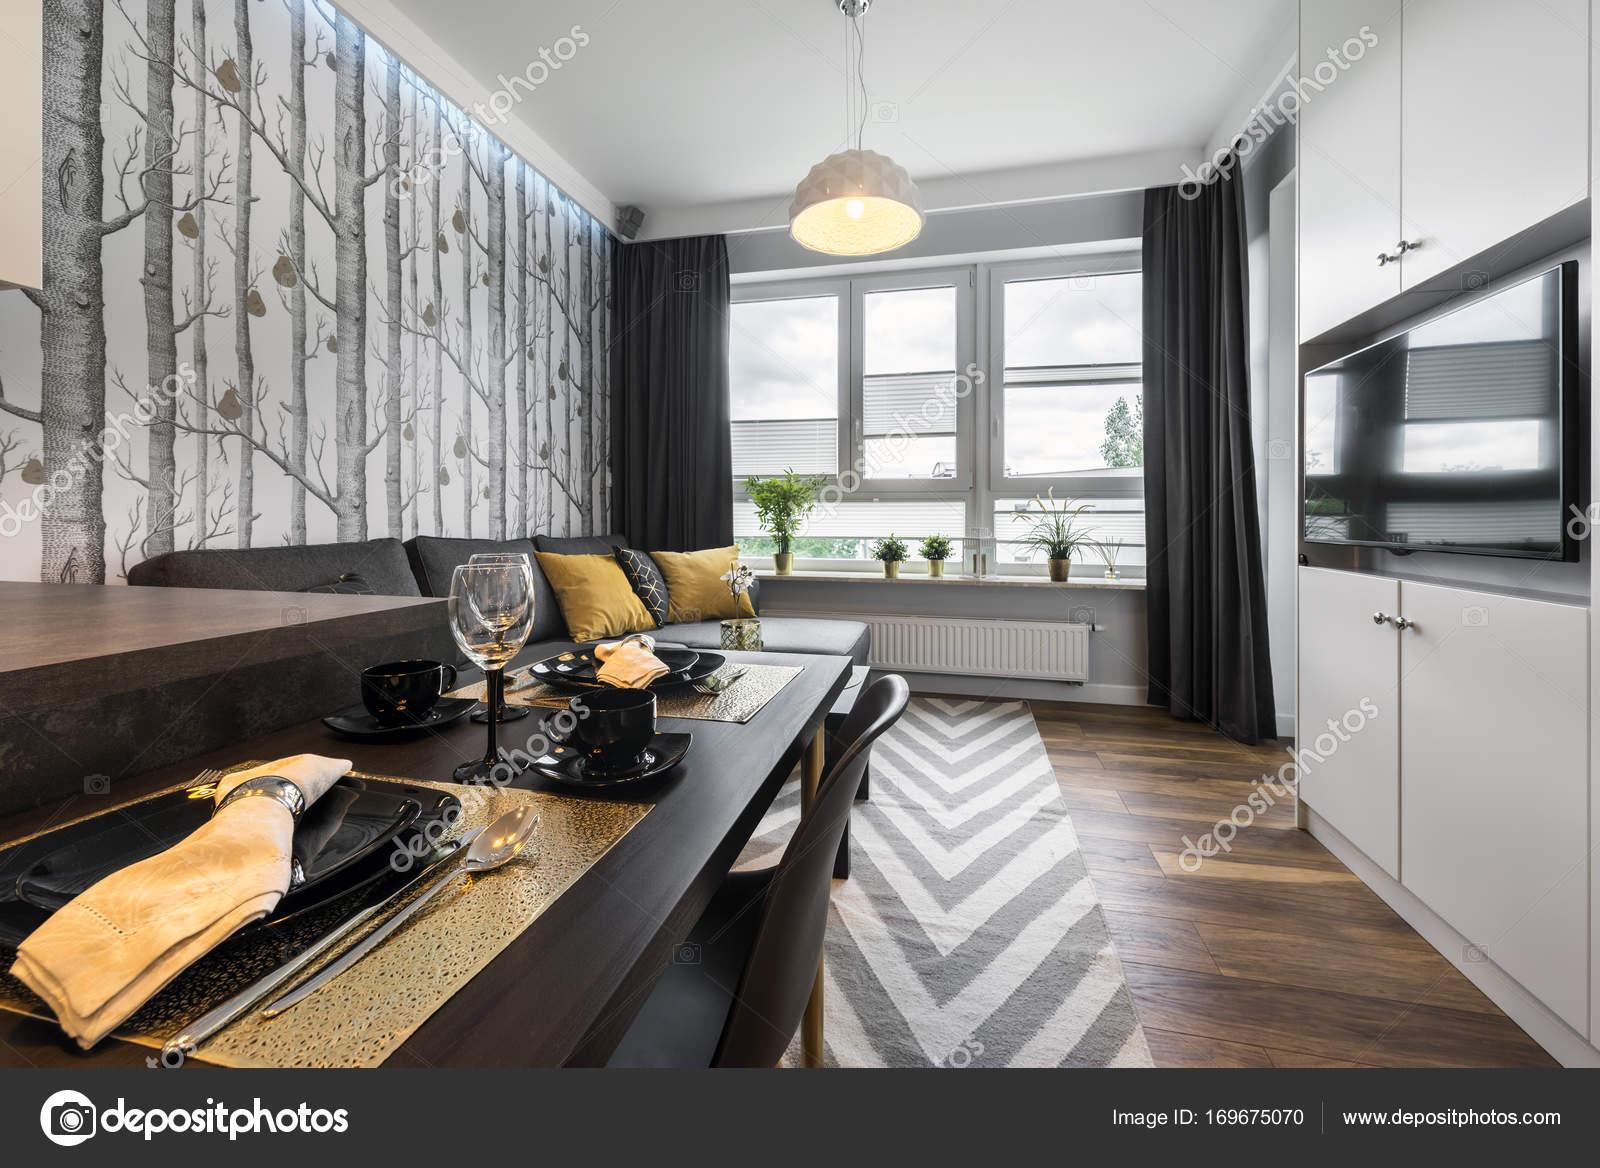 Piccolo soggiorno arredamento moderno — Foto Stock © jacek_kadaj ...